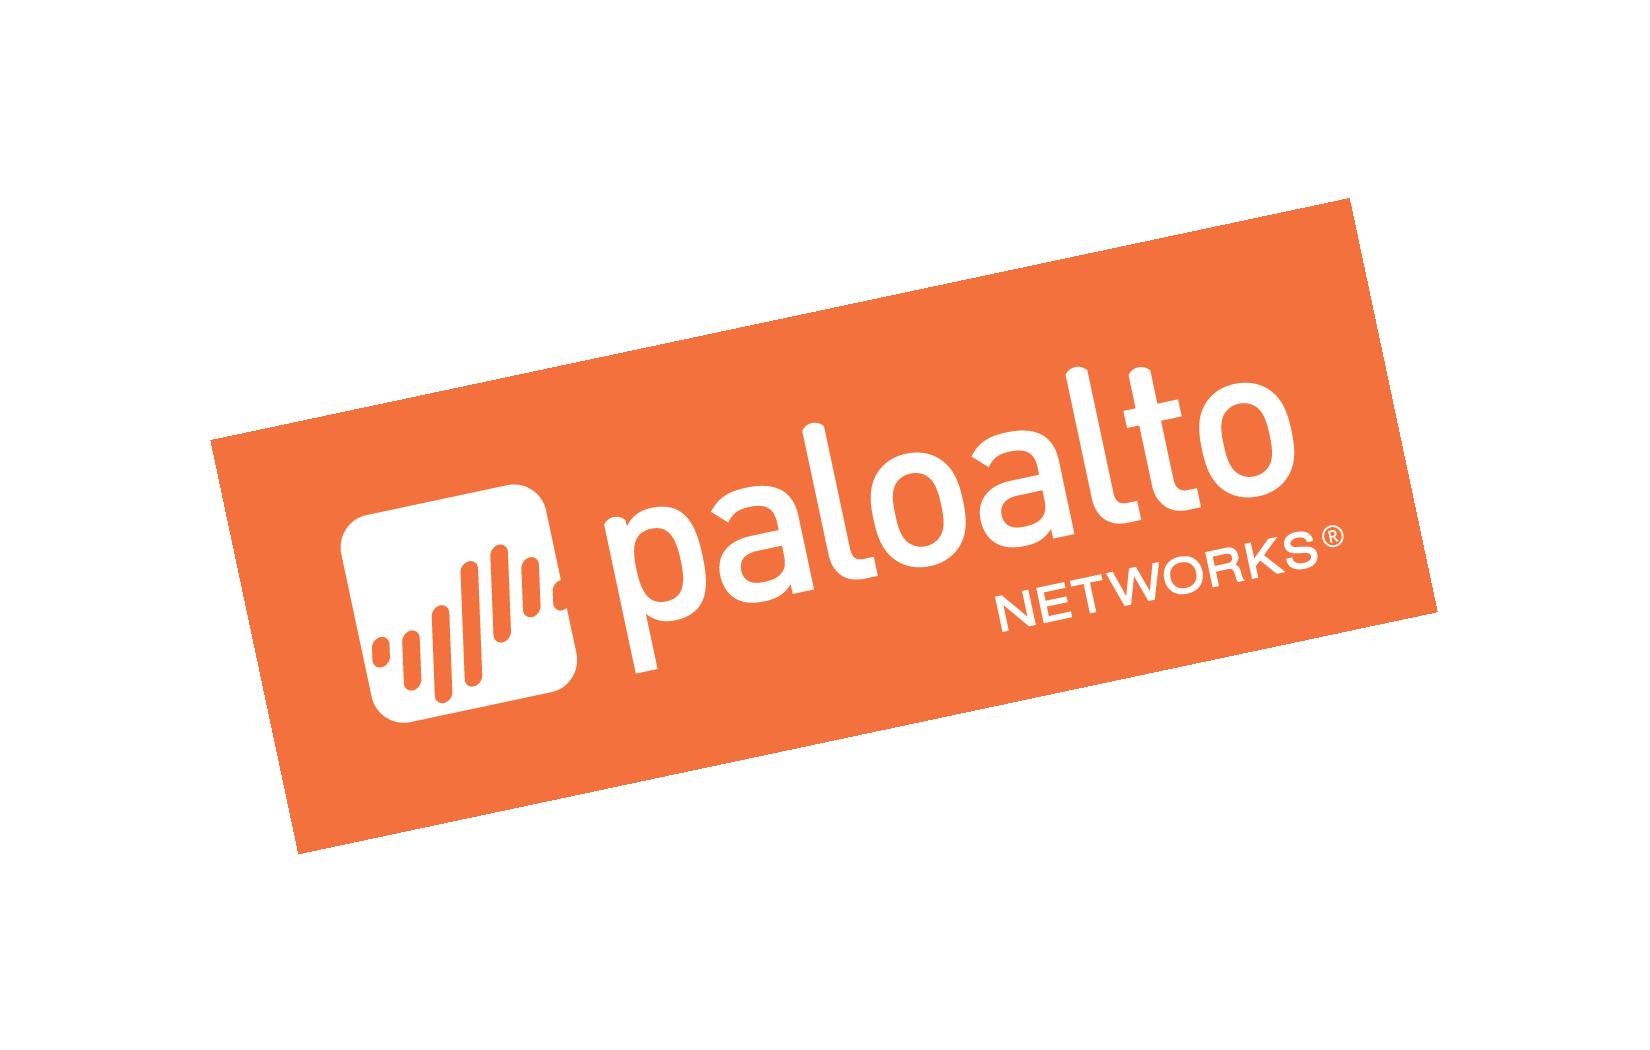 Palo Alto 2018